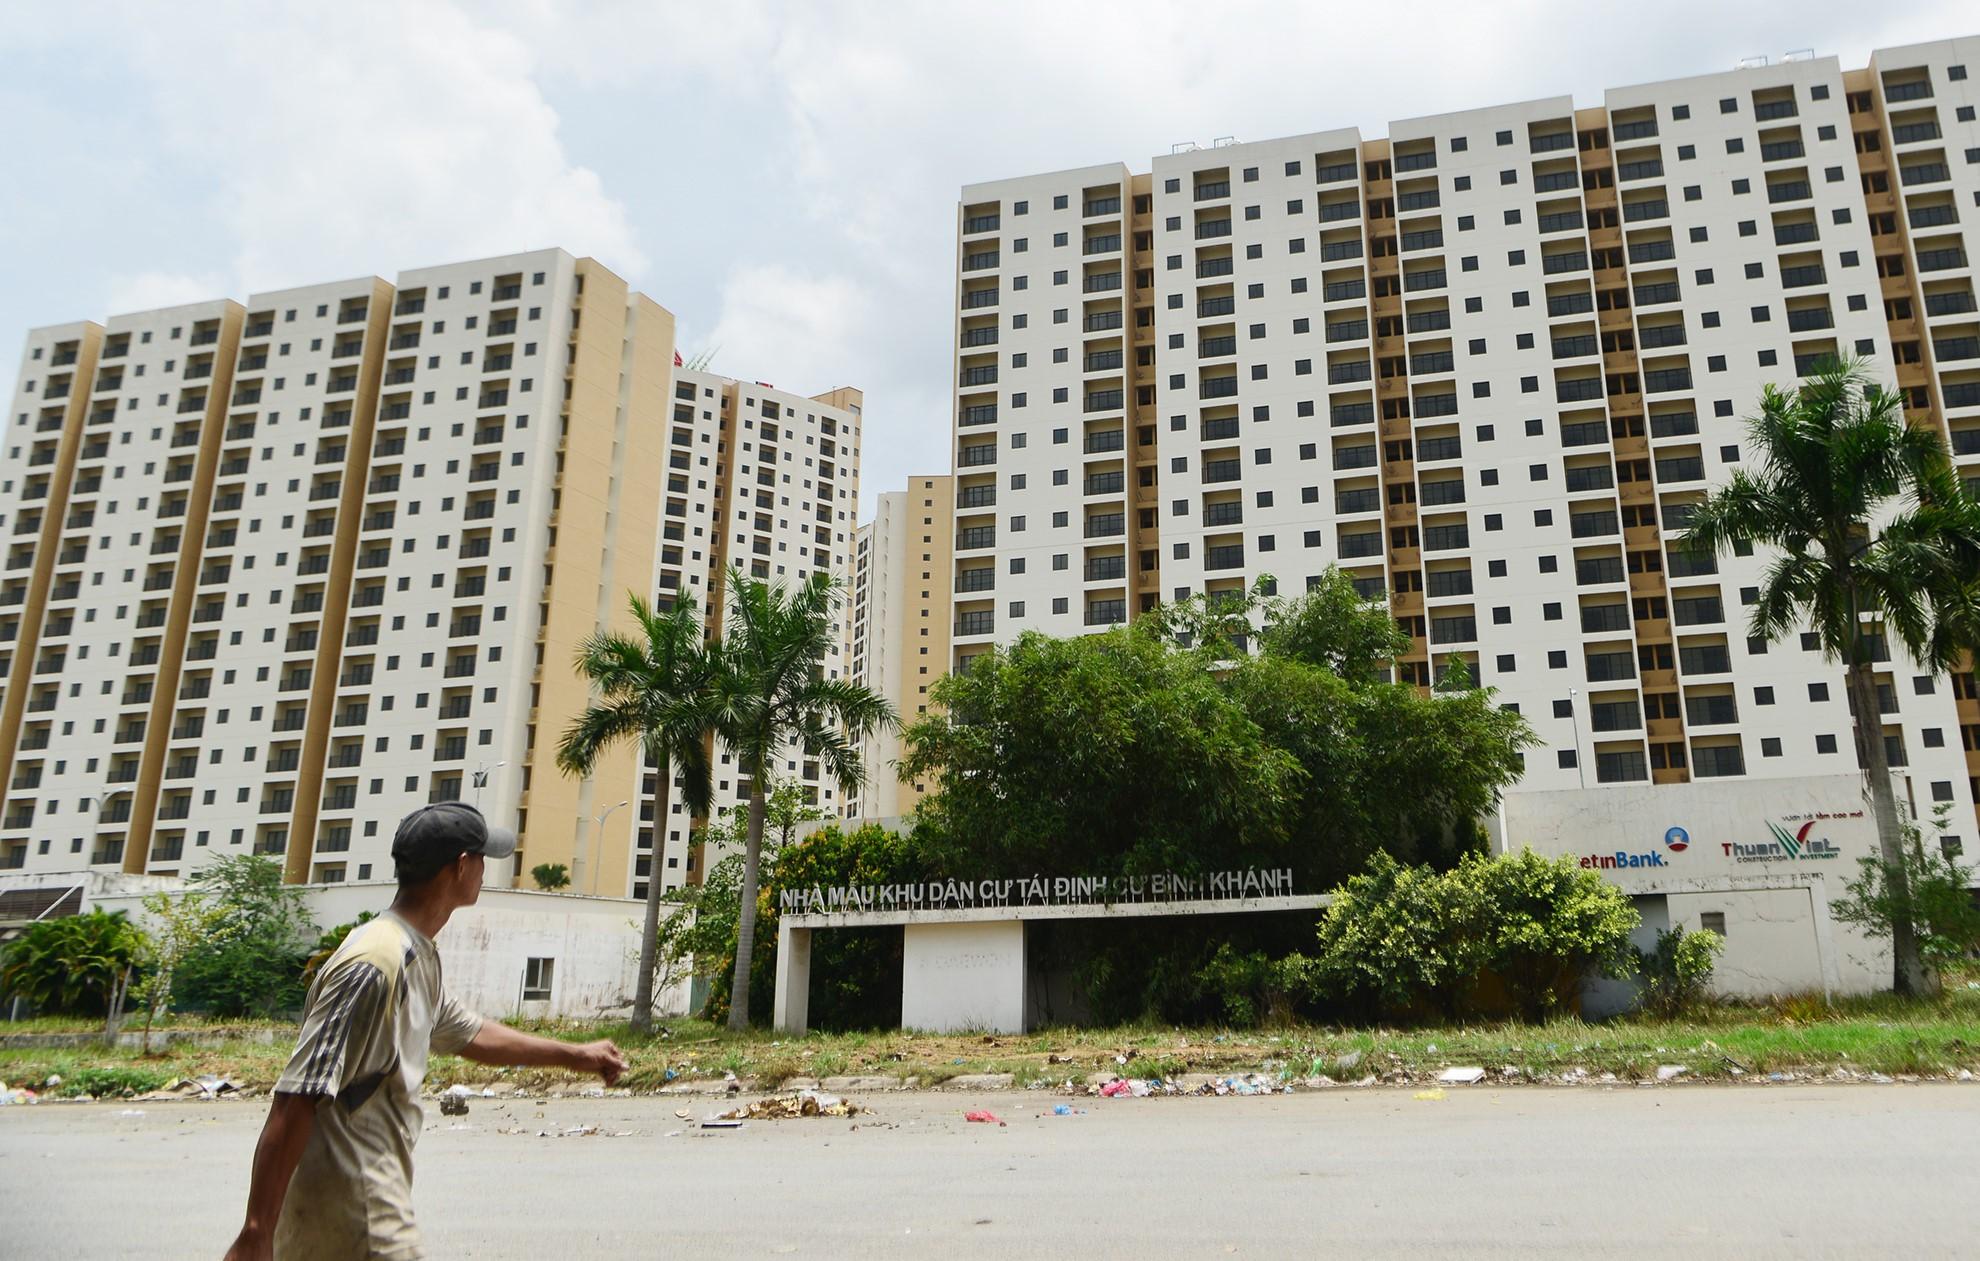 Hết nửa năm, thị trường bất động sản TP HCM vẫn trong trạng thái chờ - Ảnh 1.